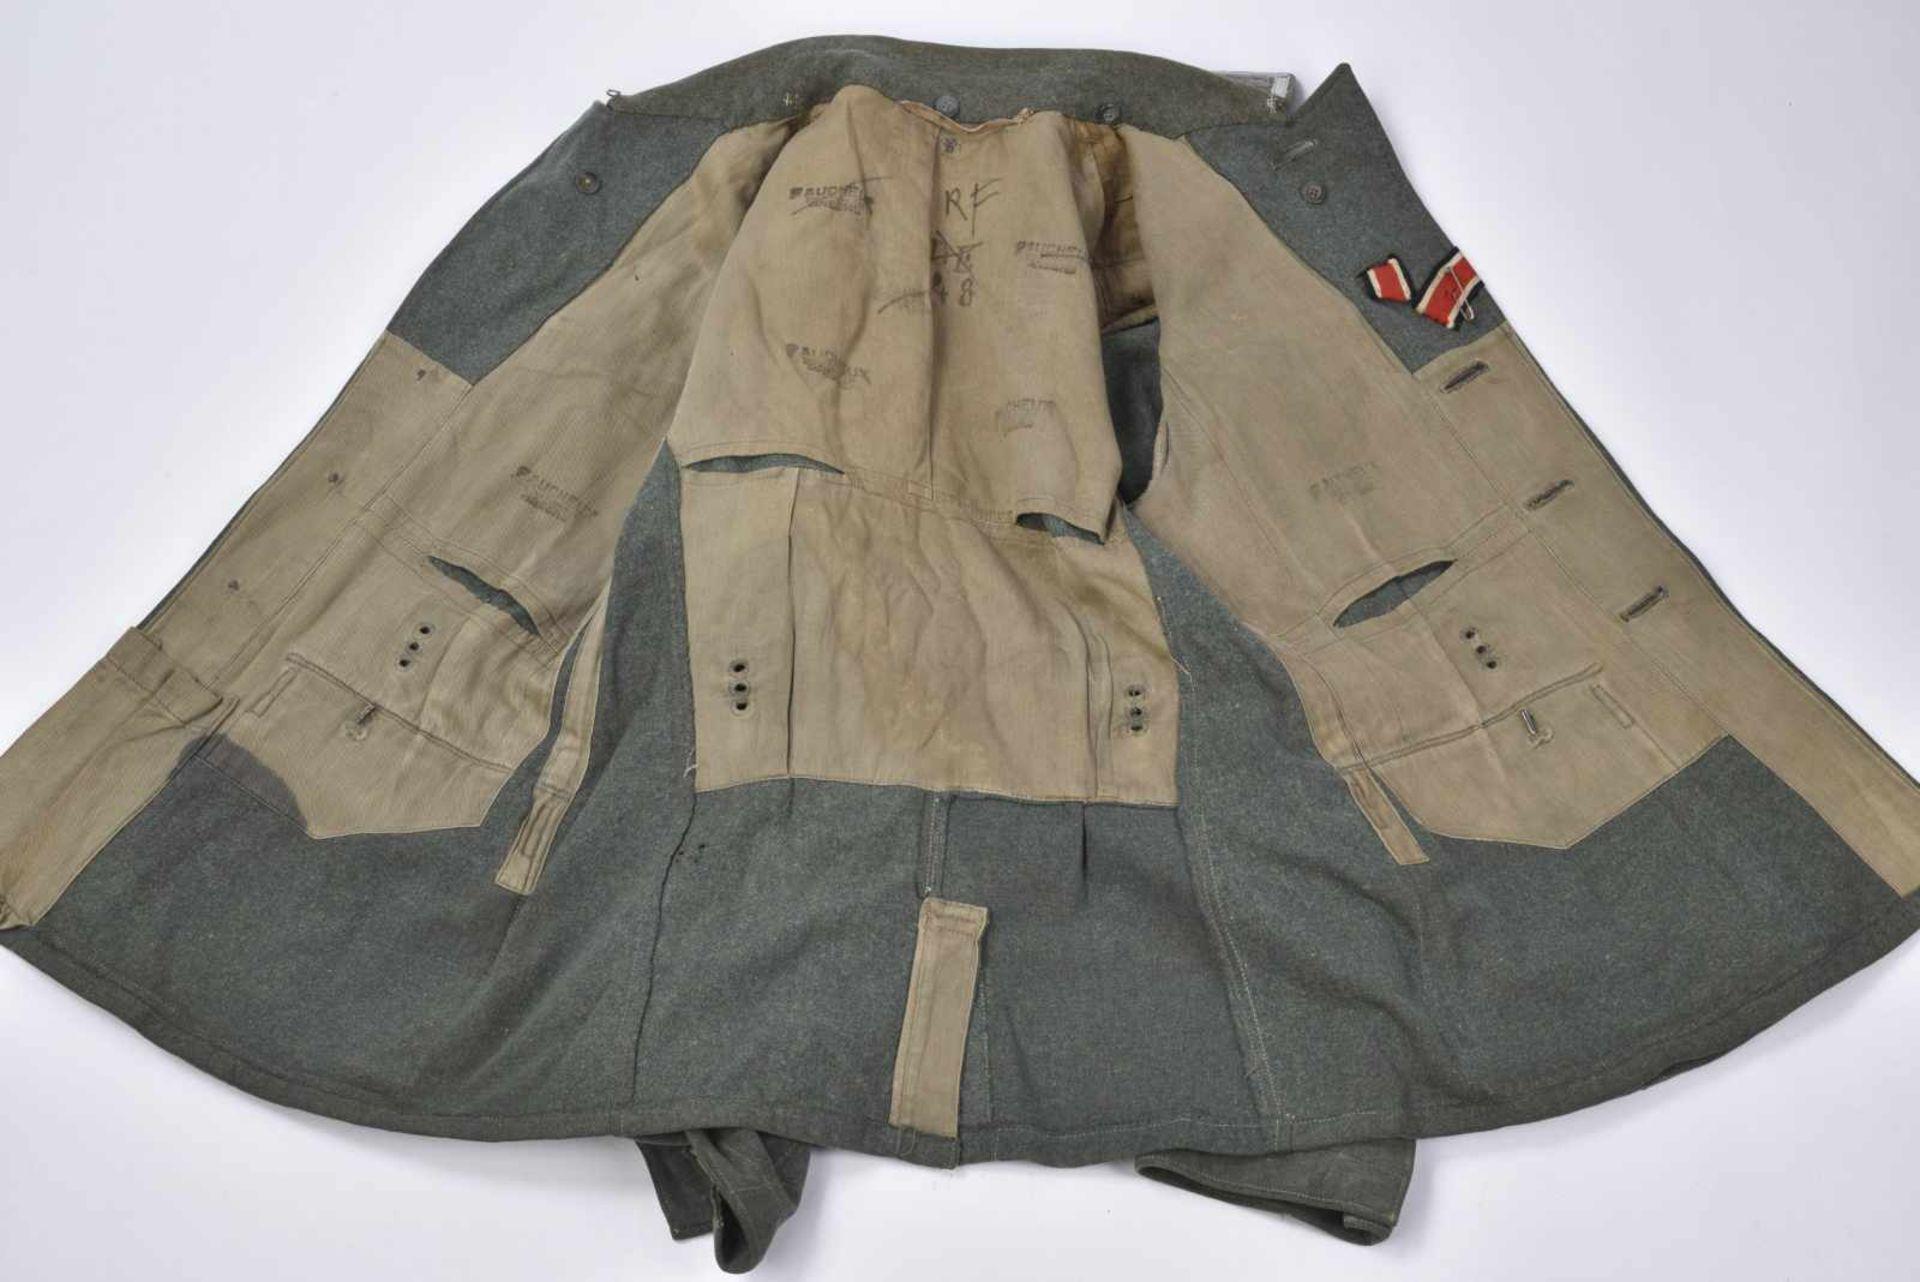 Vareuse d'Unteroffizier de l'infanterie en drap Feldgrau, intérieur doublé en tissu coton marron, - Bild 2 aus 4